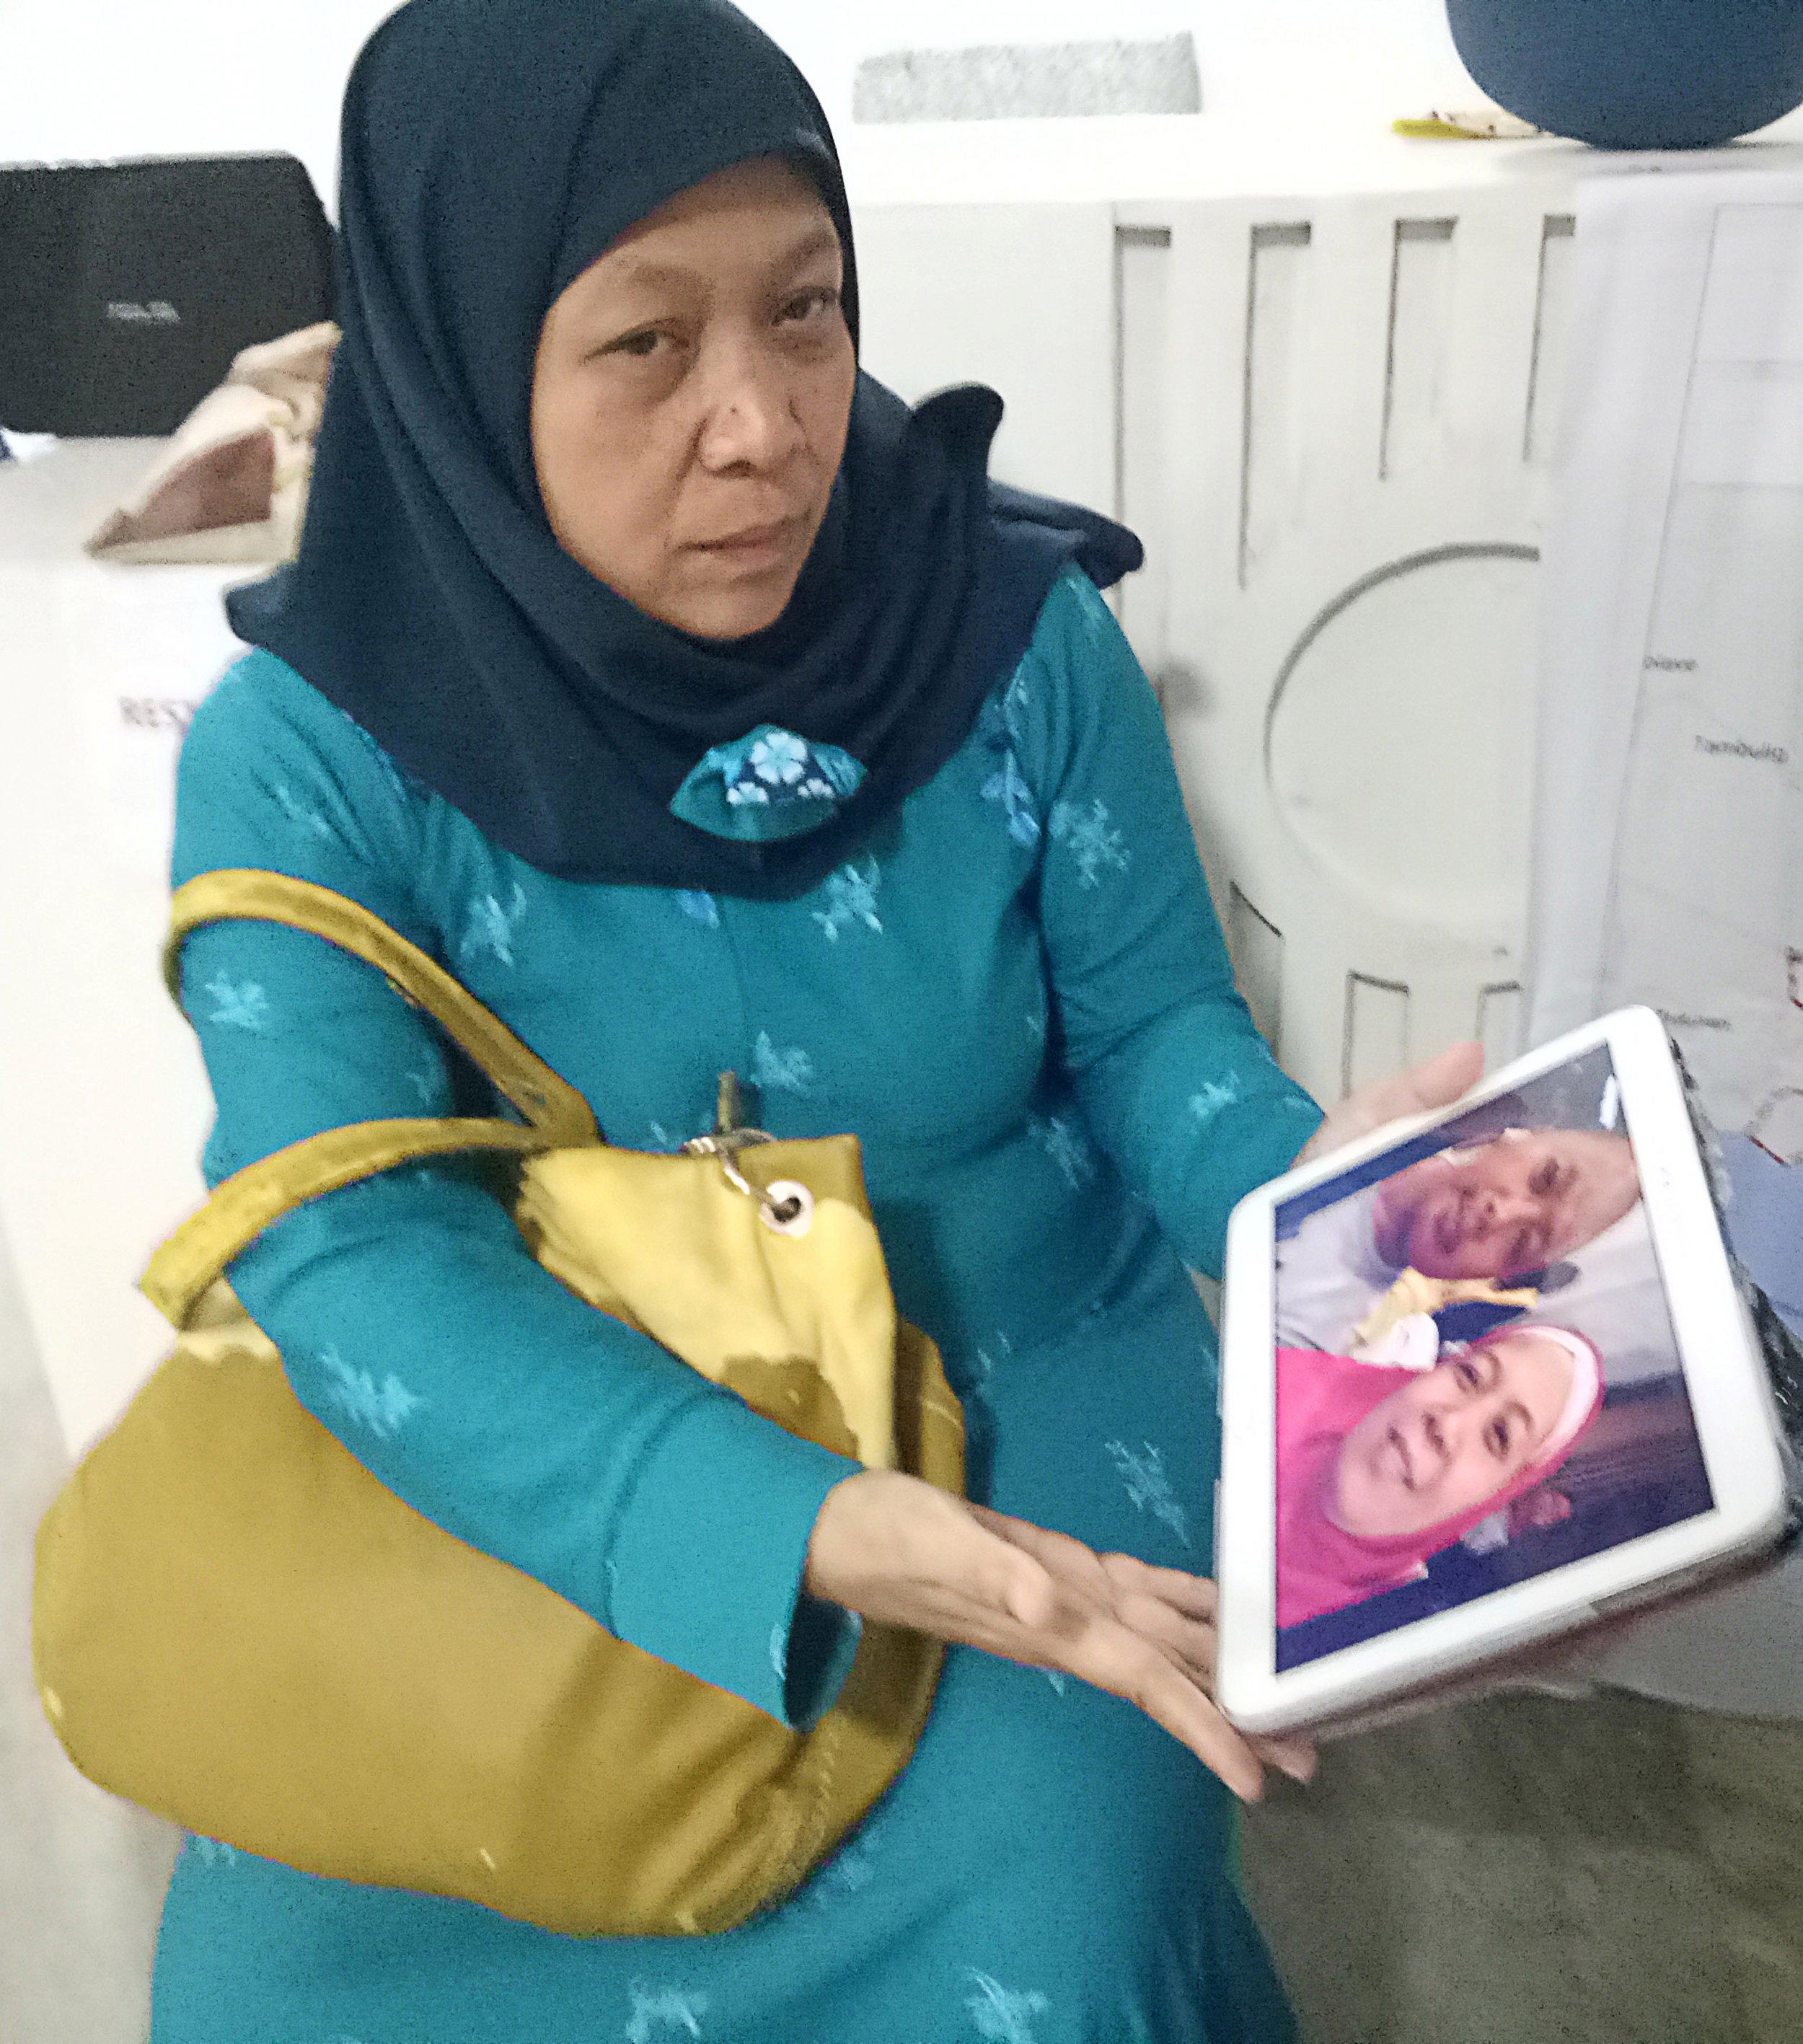 Woman with ipad marawi